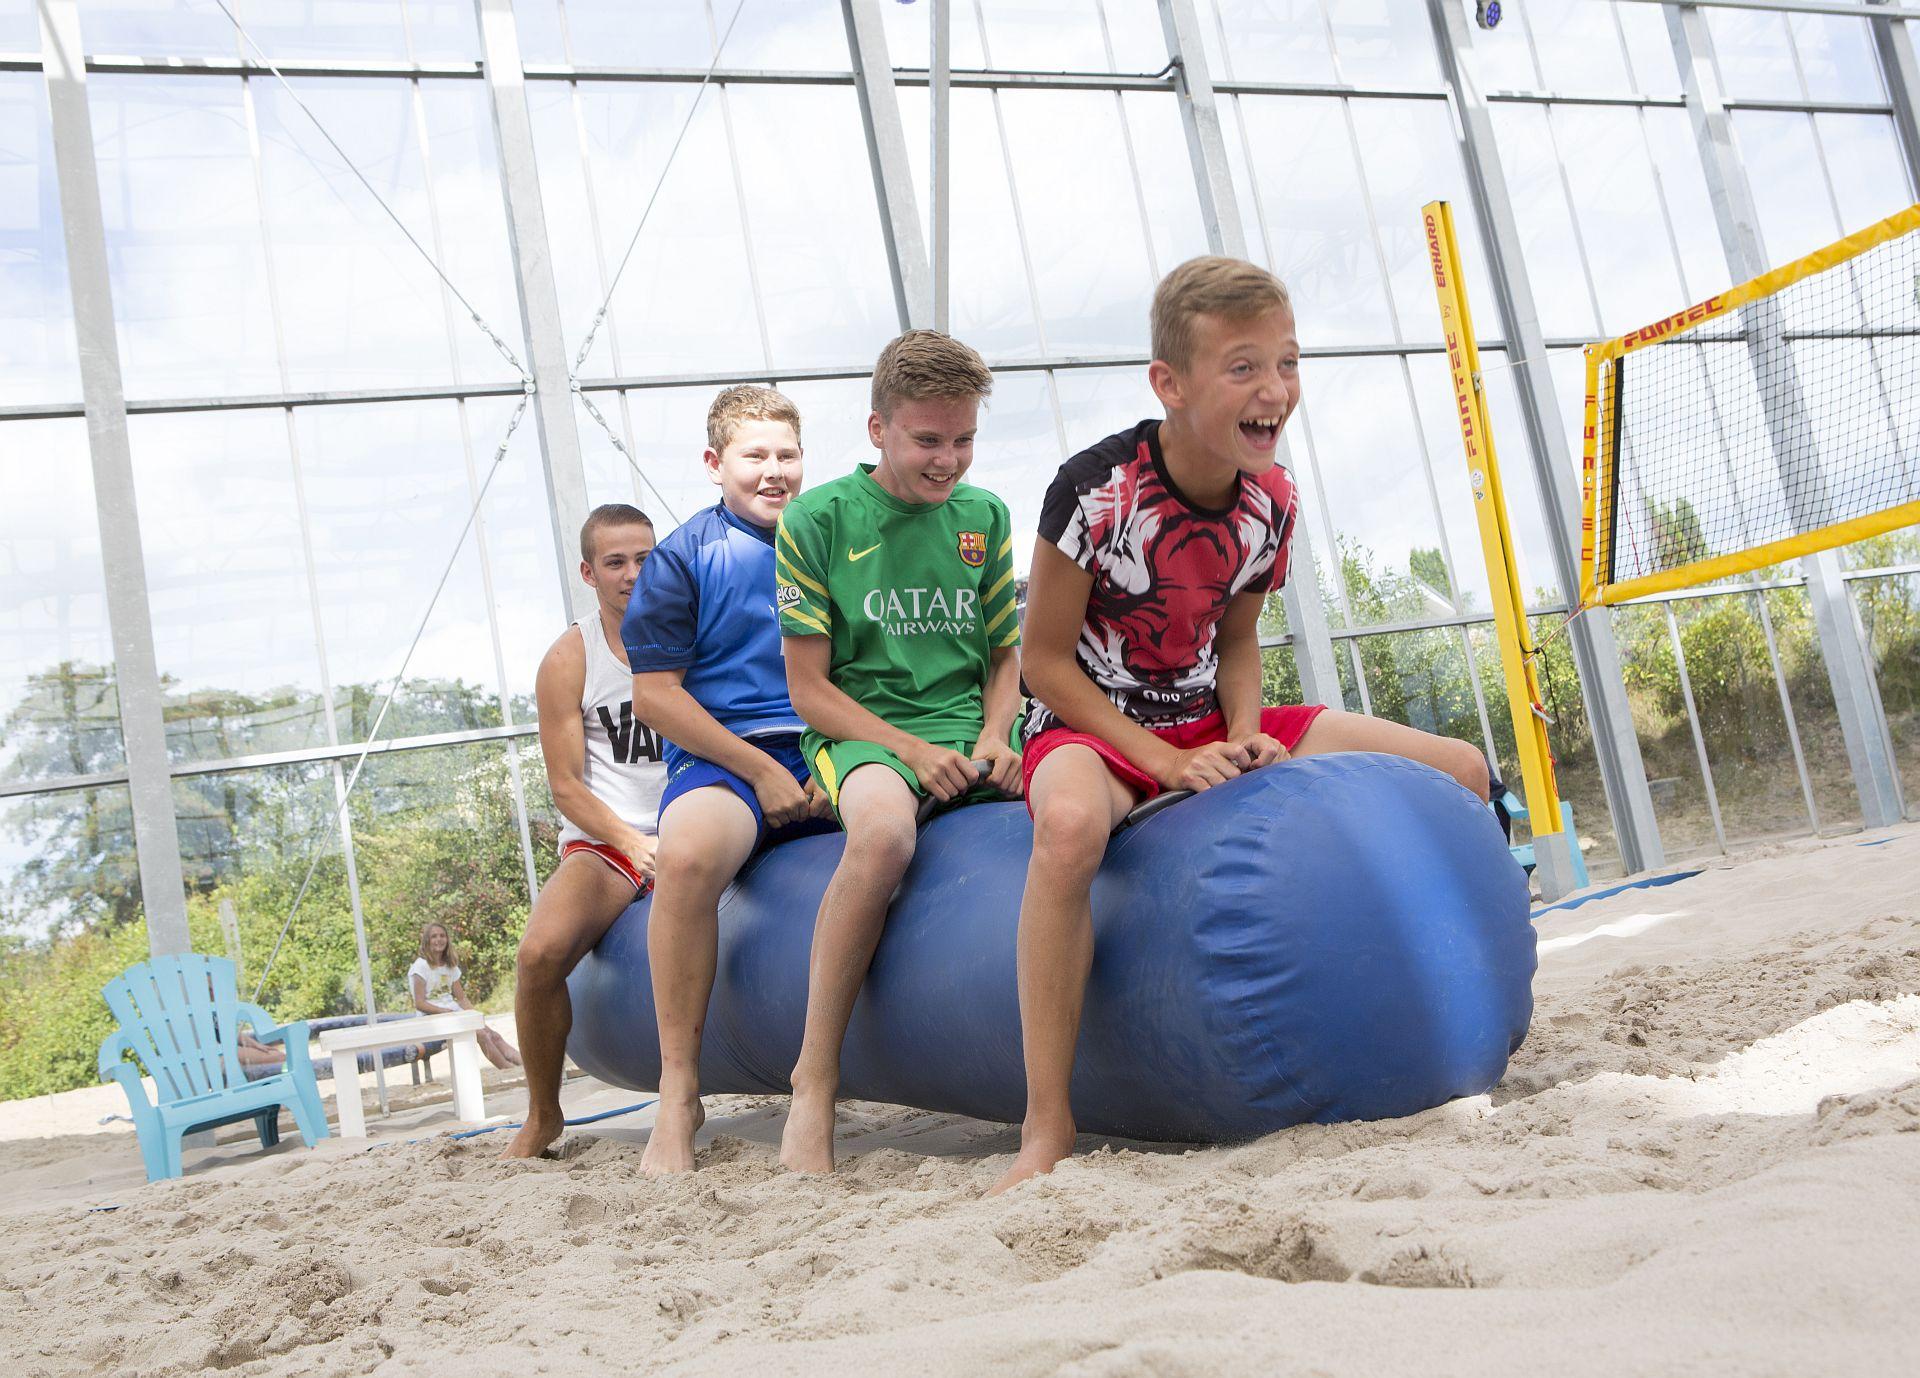 Prachtige kindercamping in Overijssel! - Mooie kindercamping in Overijssel